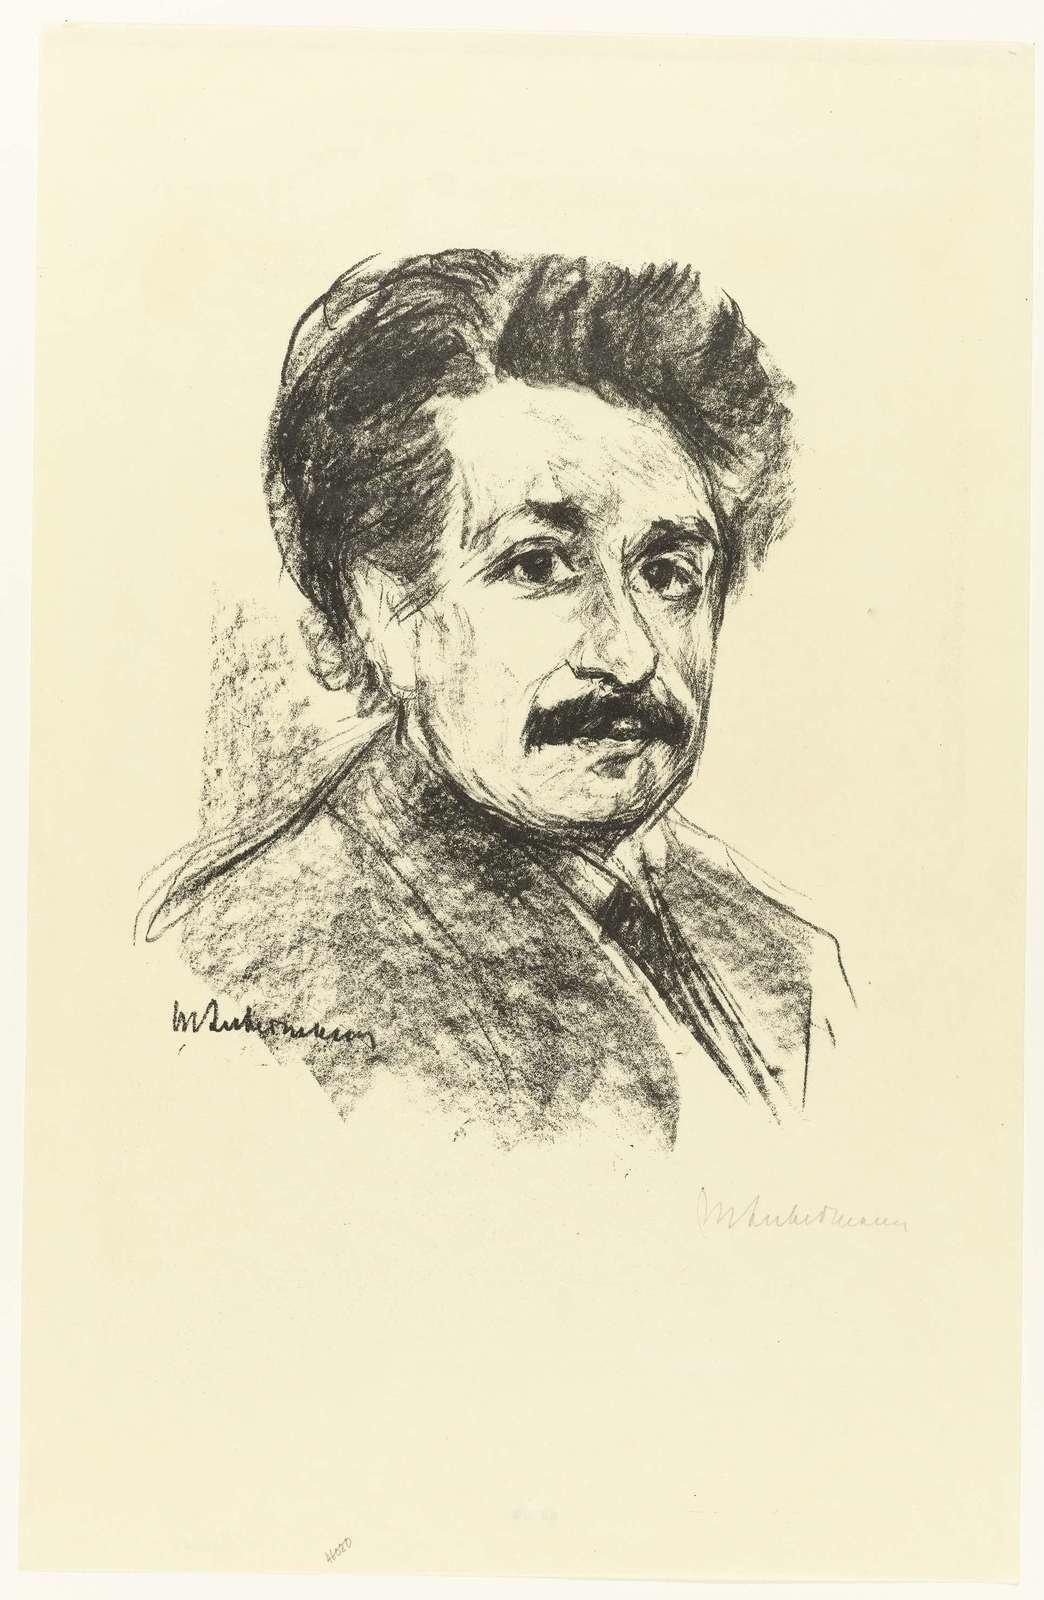 Portrait of Albert Einstein, 1857 - 1935 , Max Liebermann,  Rijksmuseum, Public Domain Mark